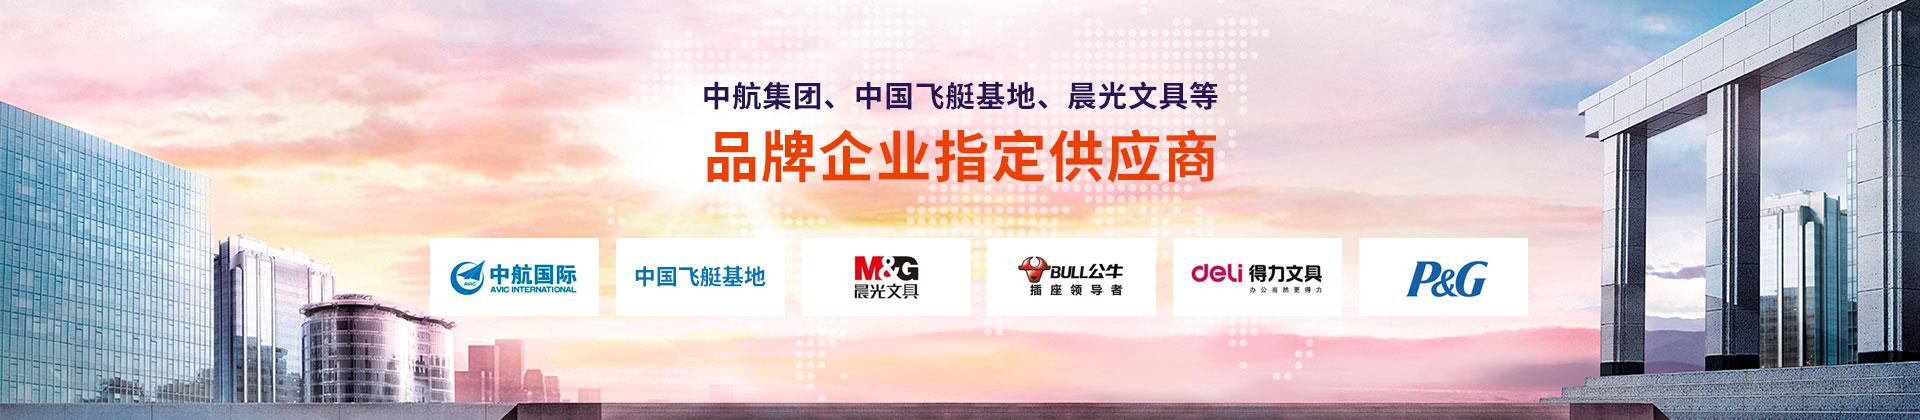 东雄-中航集团、中国飞艇基地、晨光文具等品牌企业指定供应商